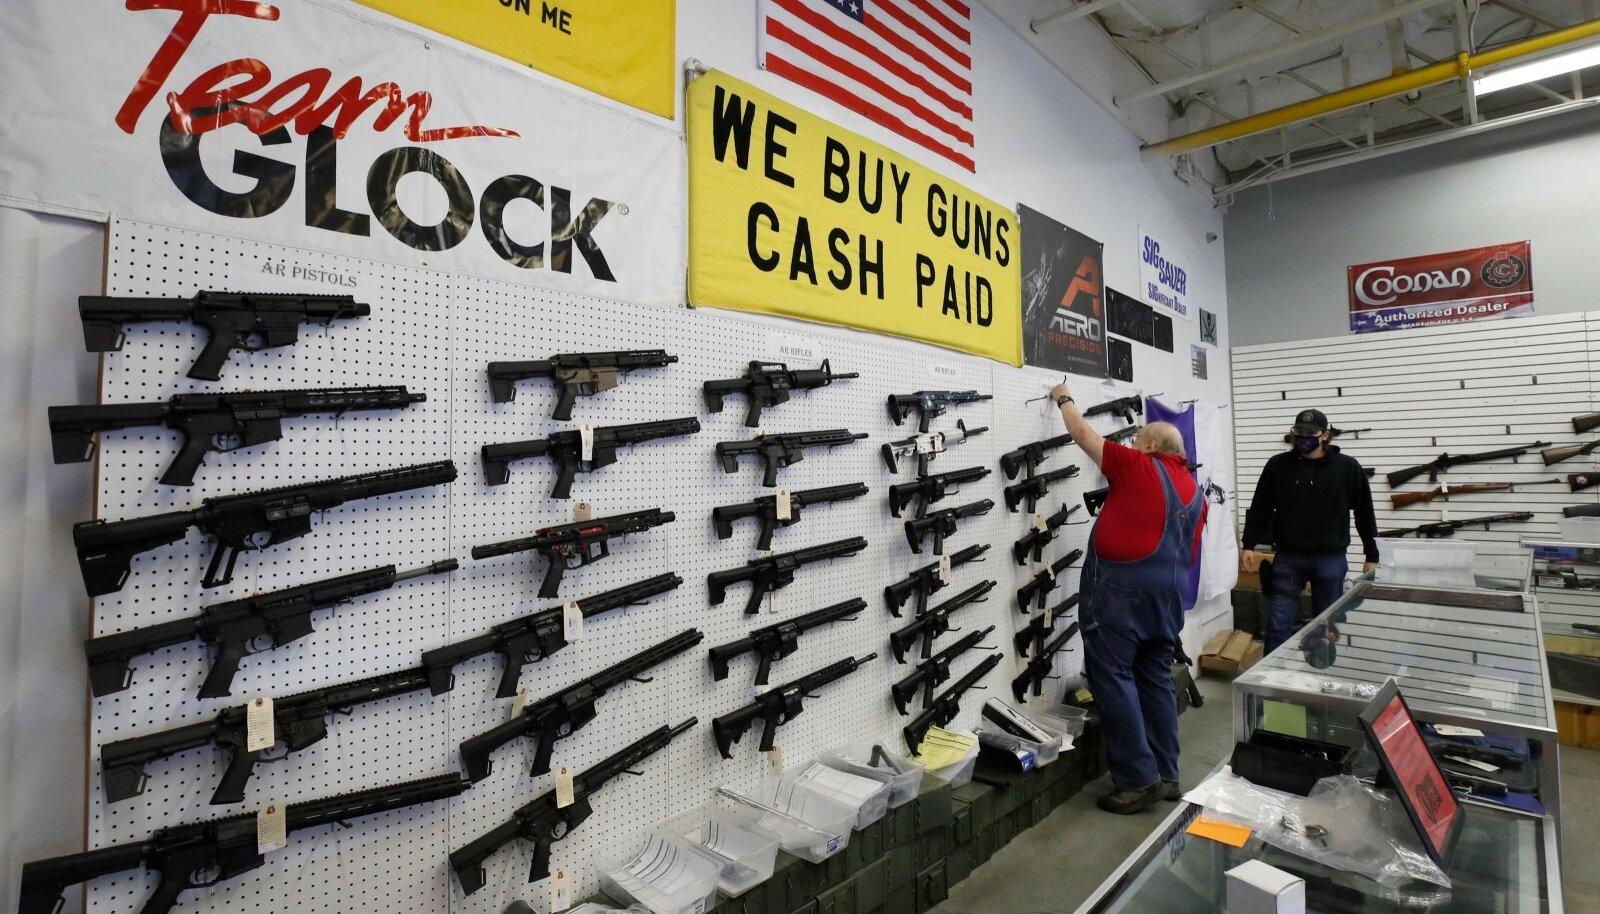 Demokraadid tahavad keelata lahingurelvad ja nõuda kõigi ostjate taustakontrolli. Vabariiklased peavad seda lubamatuks vabaduse piiramiseks.